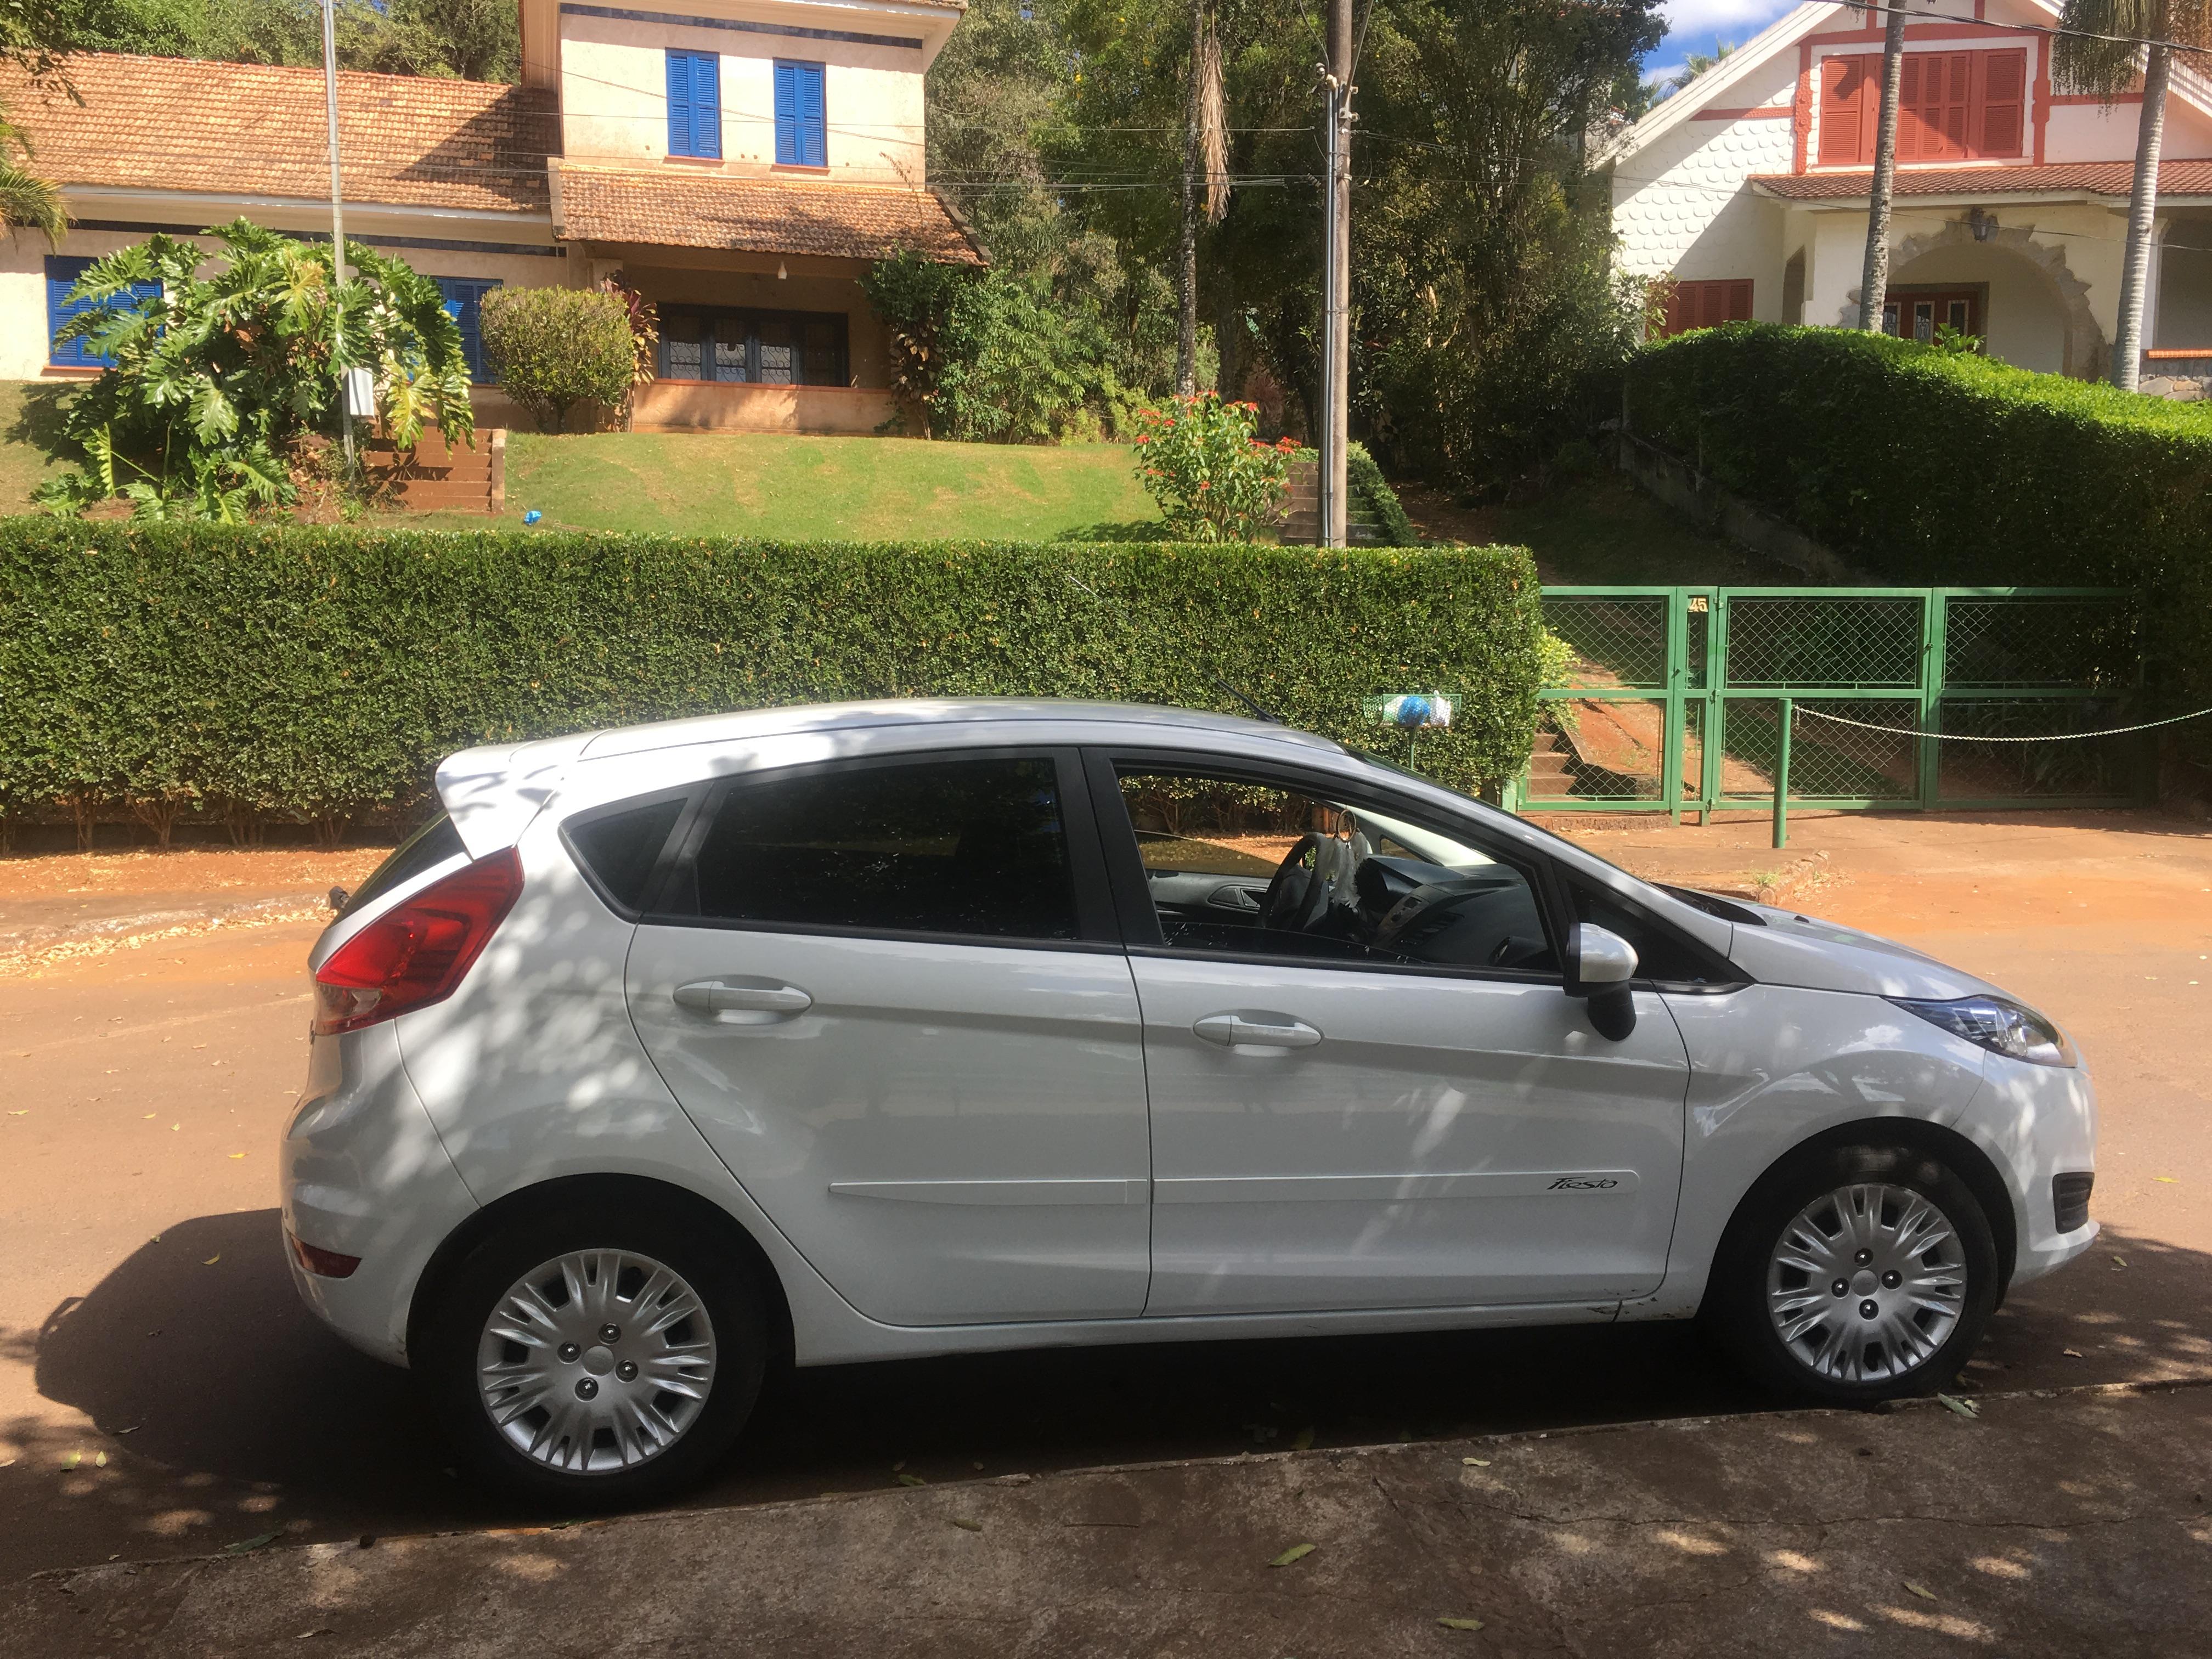 New Fiesta 2013/14